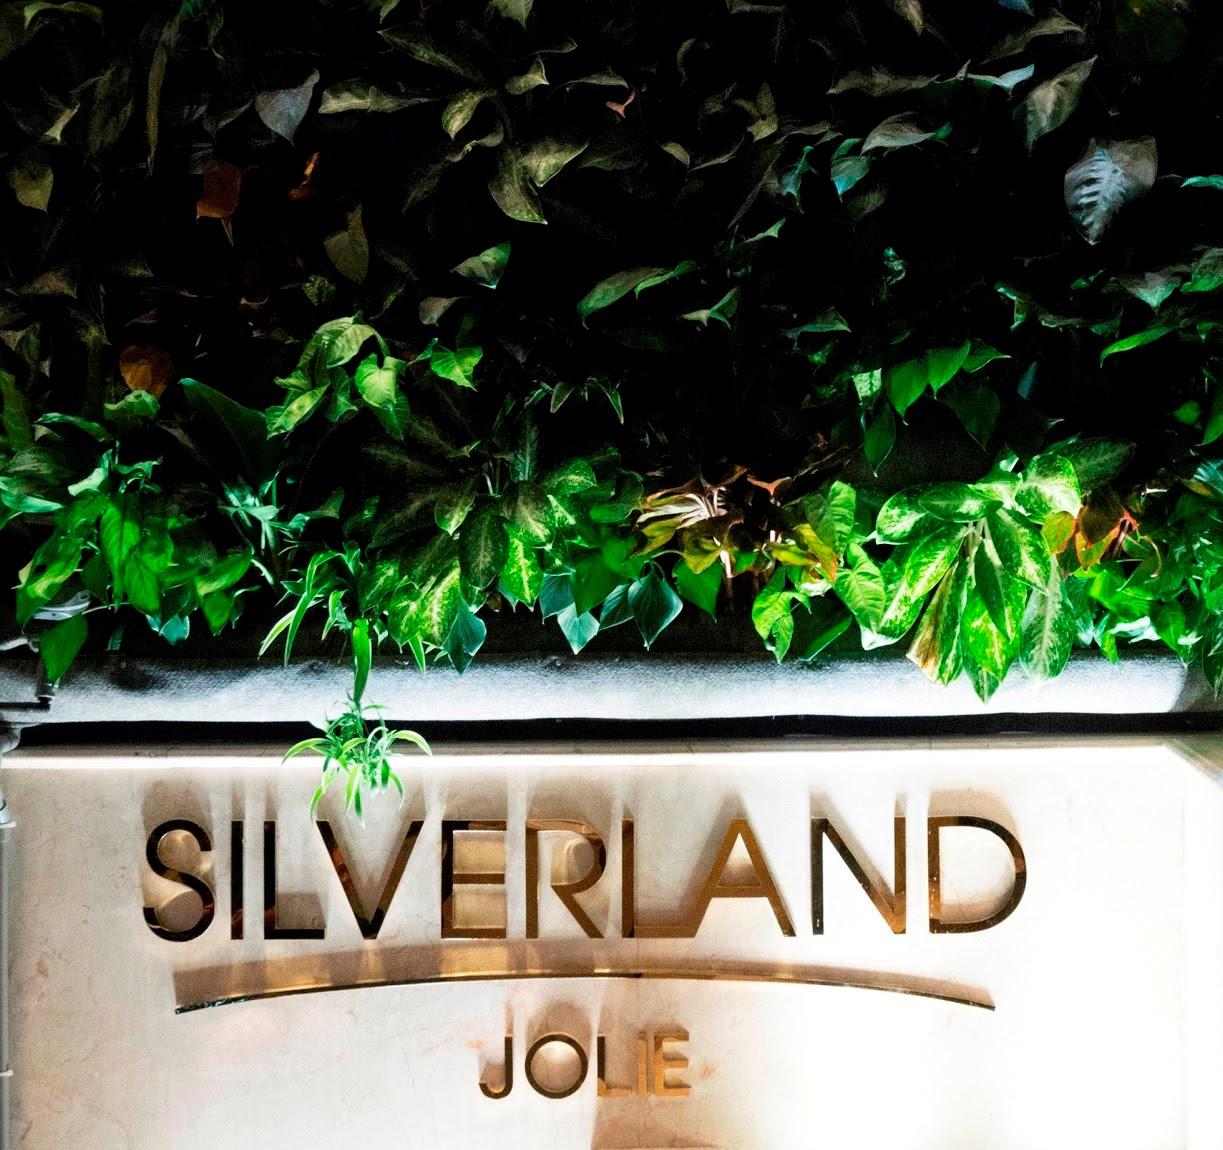 Silverland Jolie Hotel & Spa - Hồ Chí Minh